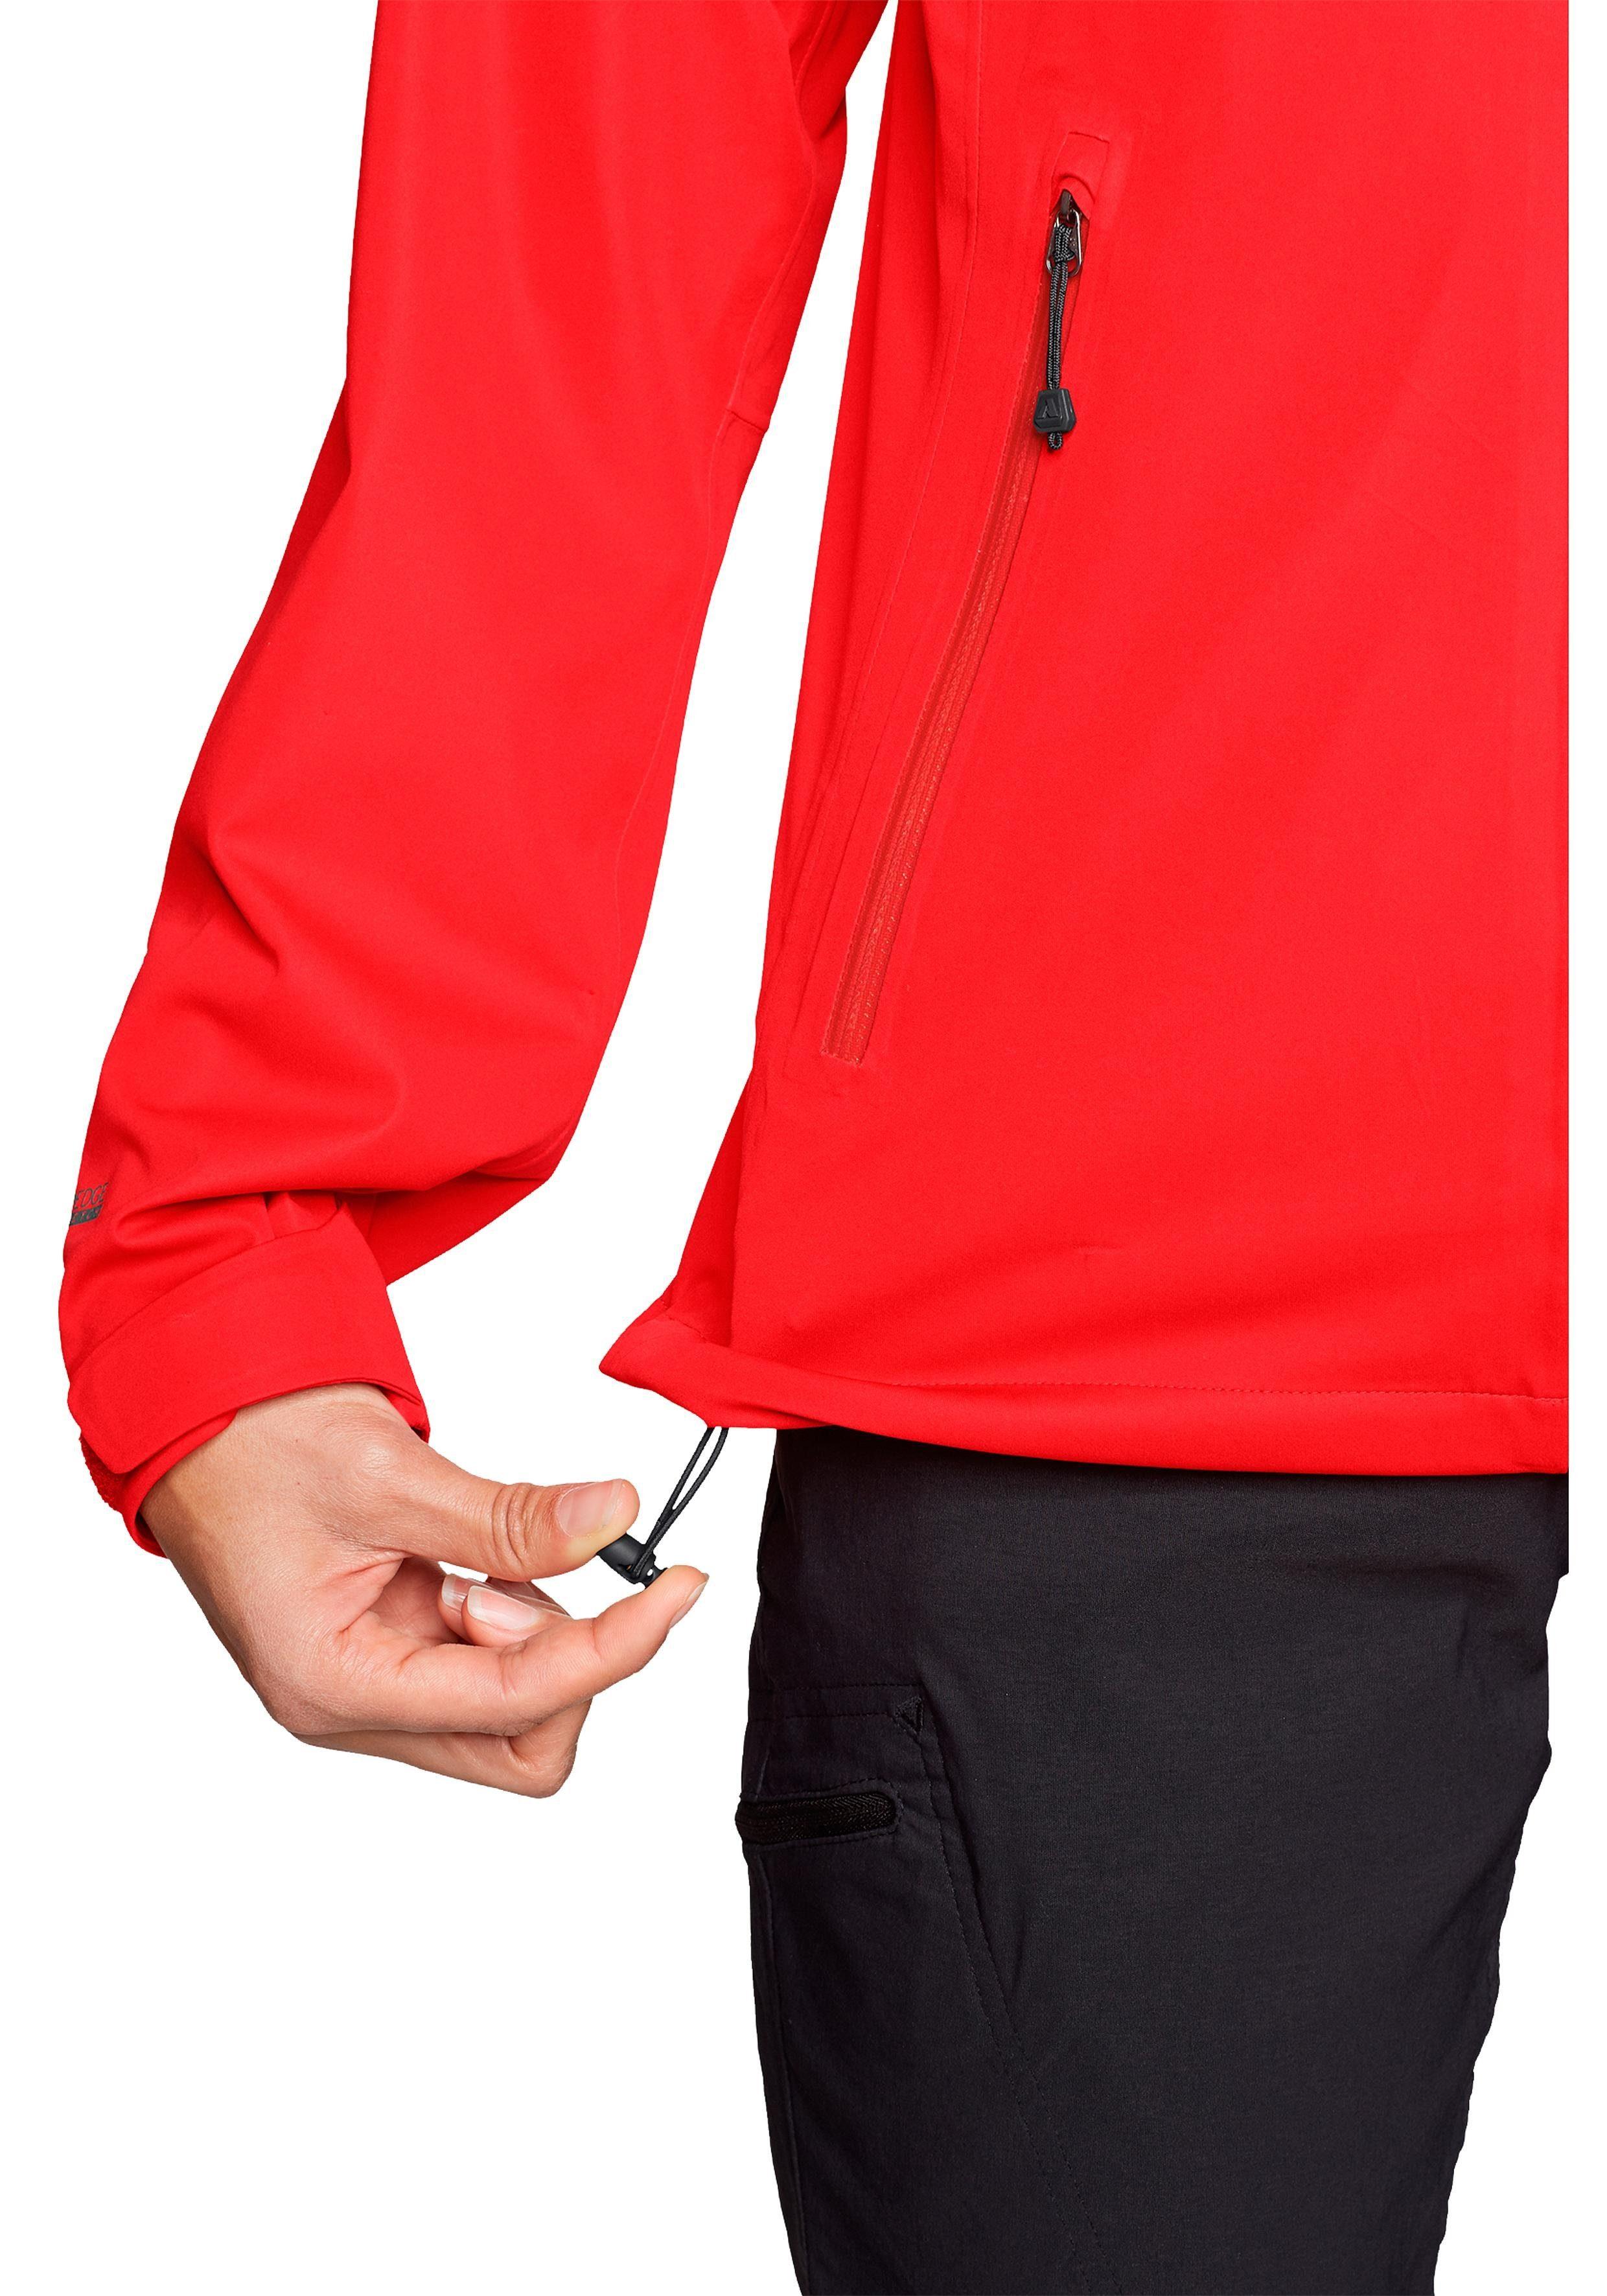 Stretch Bauer Bc Sandstone Funktionsjacke Eddie Kaufen Online Jacke Rq4ALj35